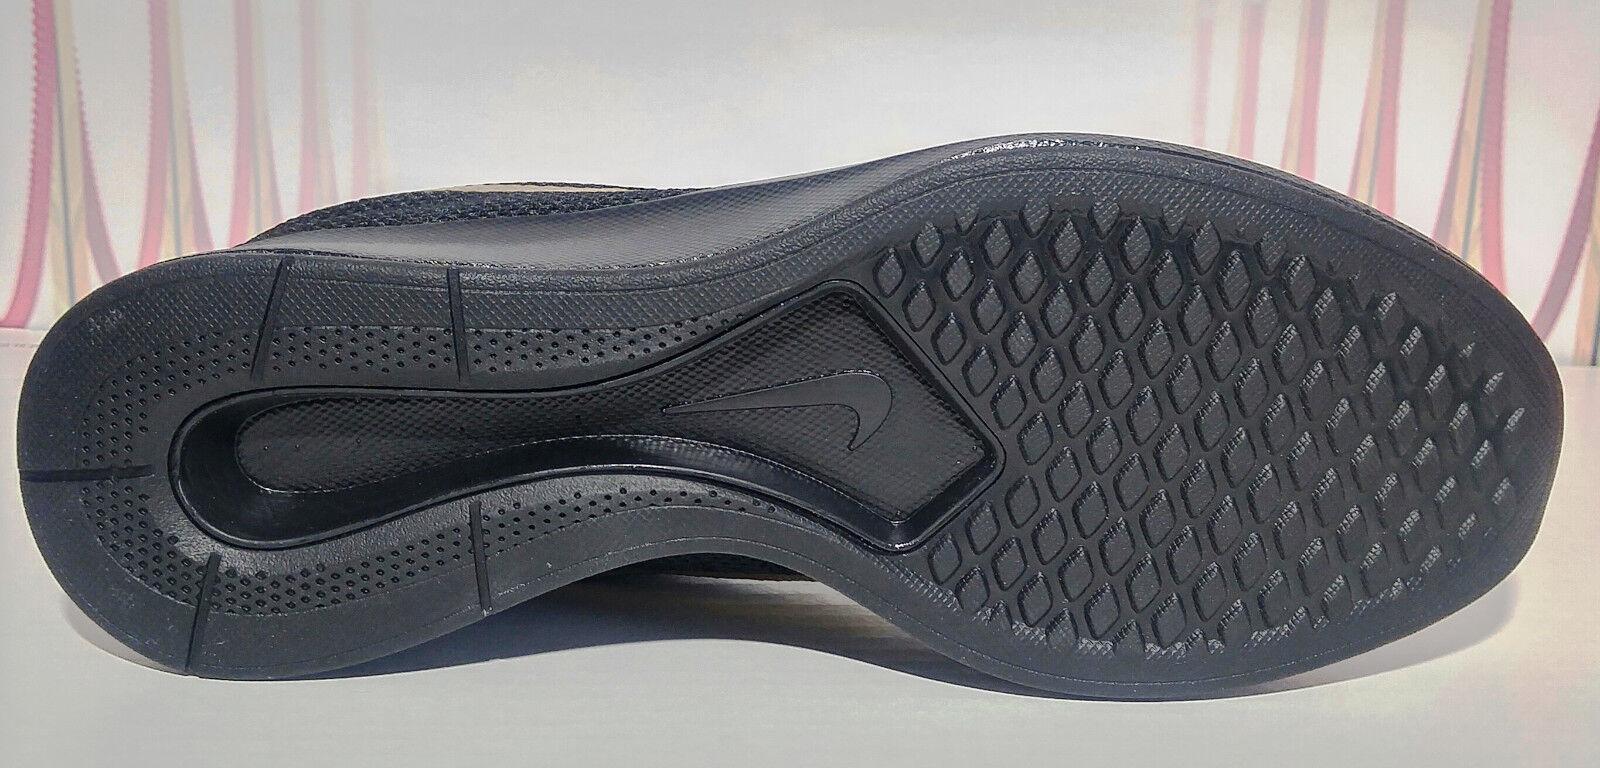 nike dualtone racer 918227 007 chaussures pour hommes multi gratuite sz. or noir nouvelle livraison gratuite multi 54df90